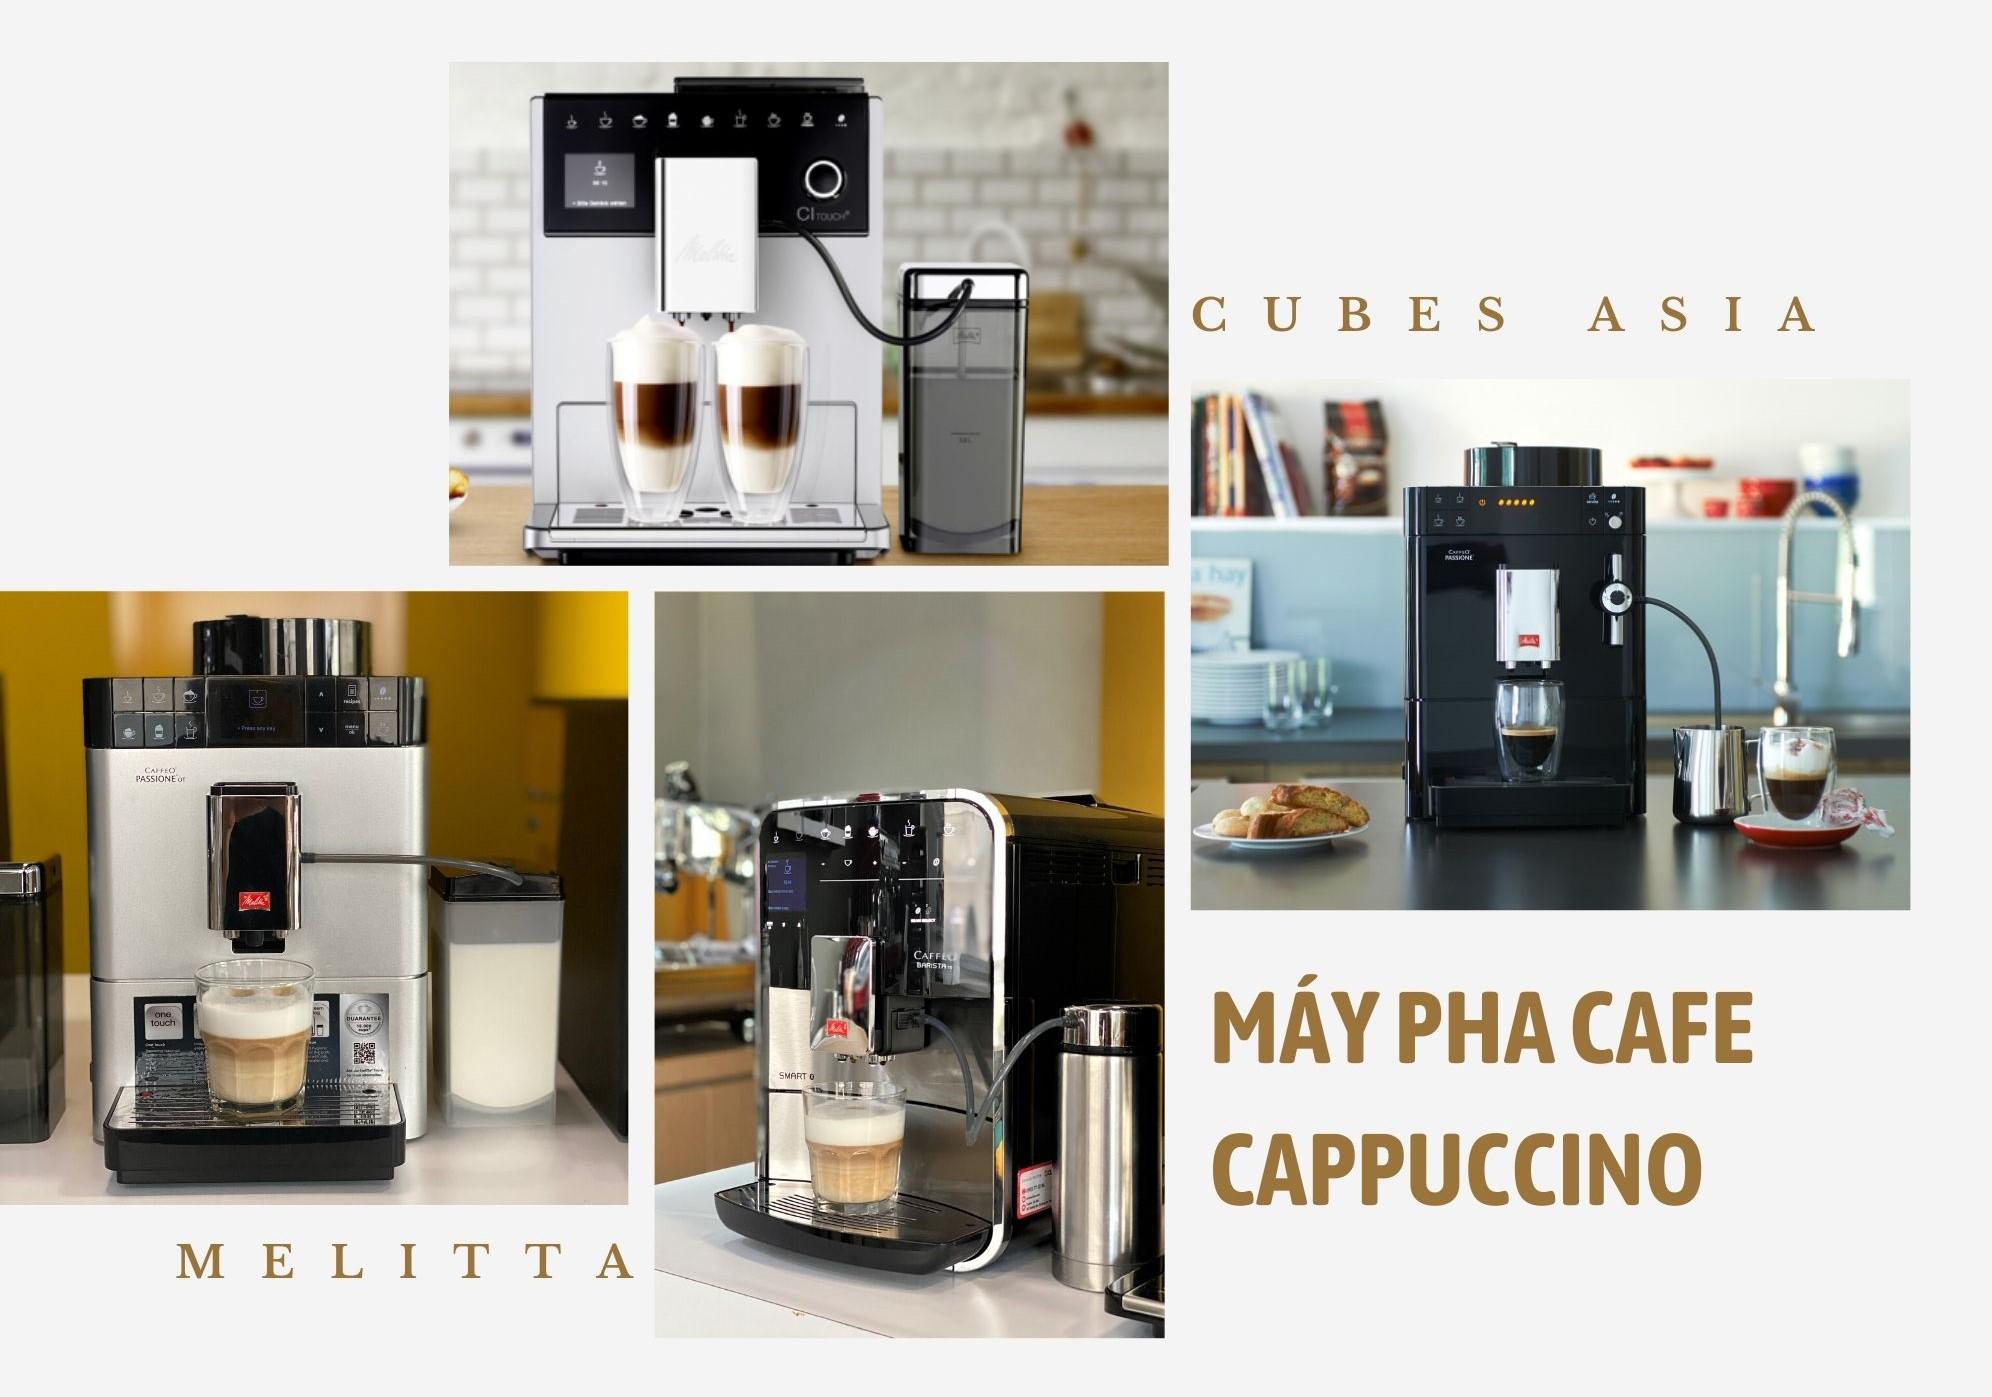 may-pha-cafe-tu-dong-cappuccino